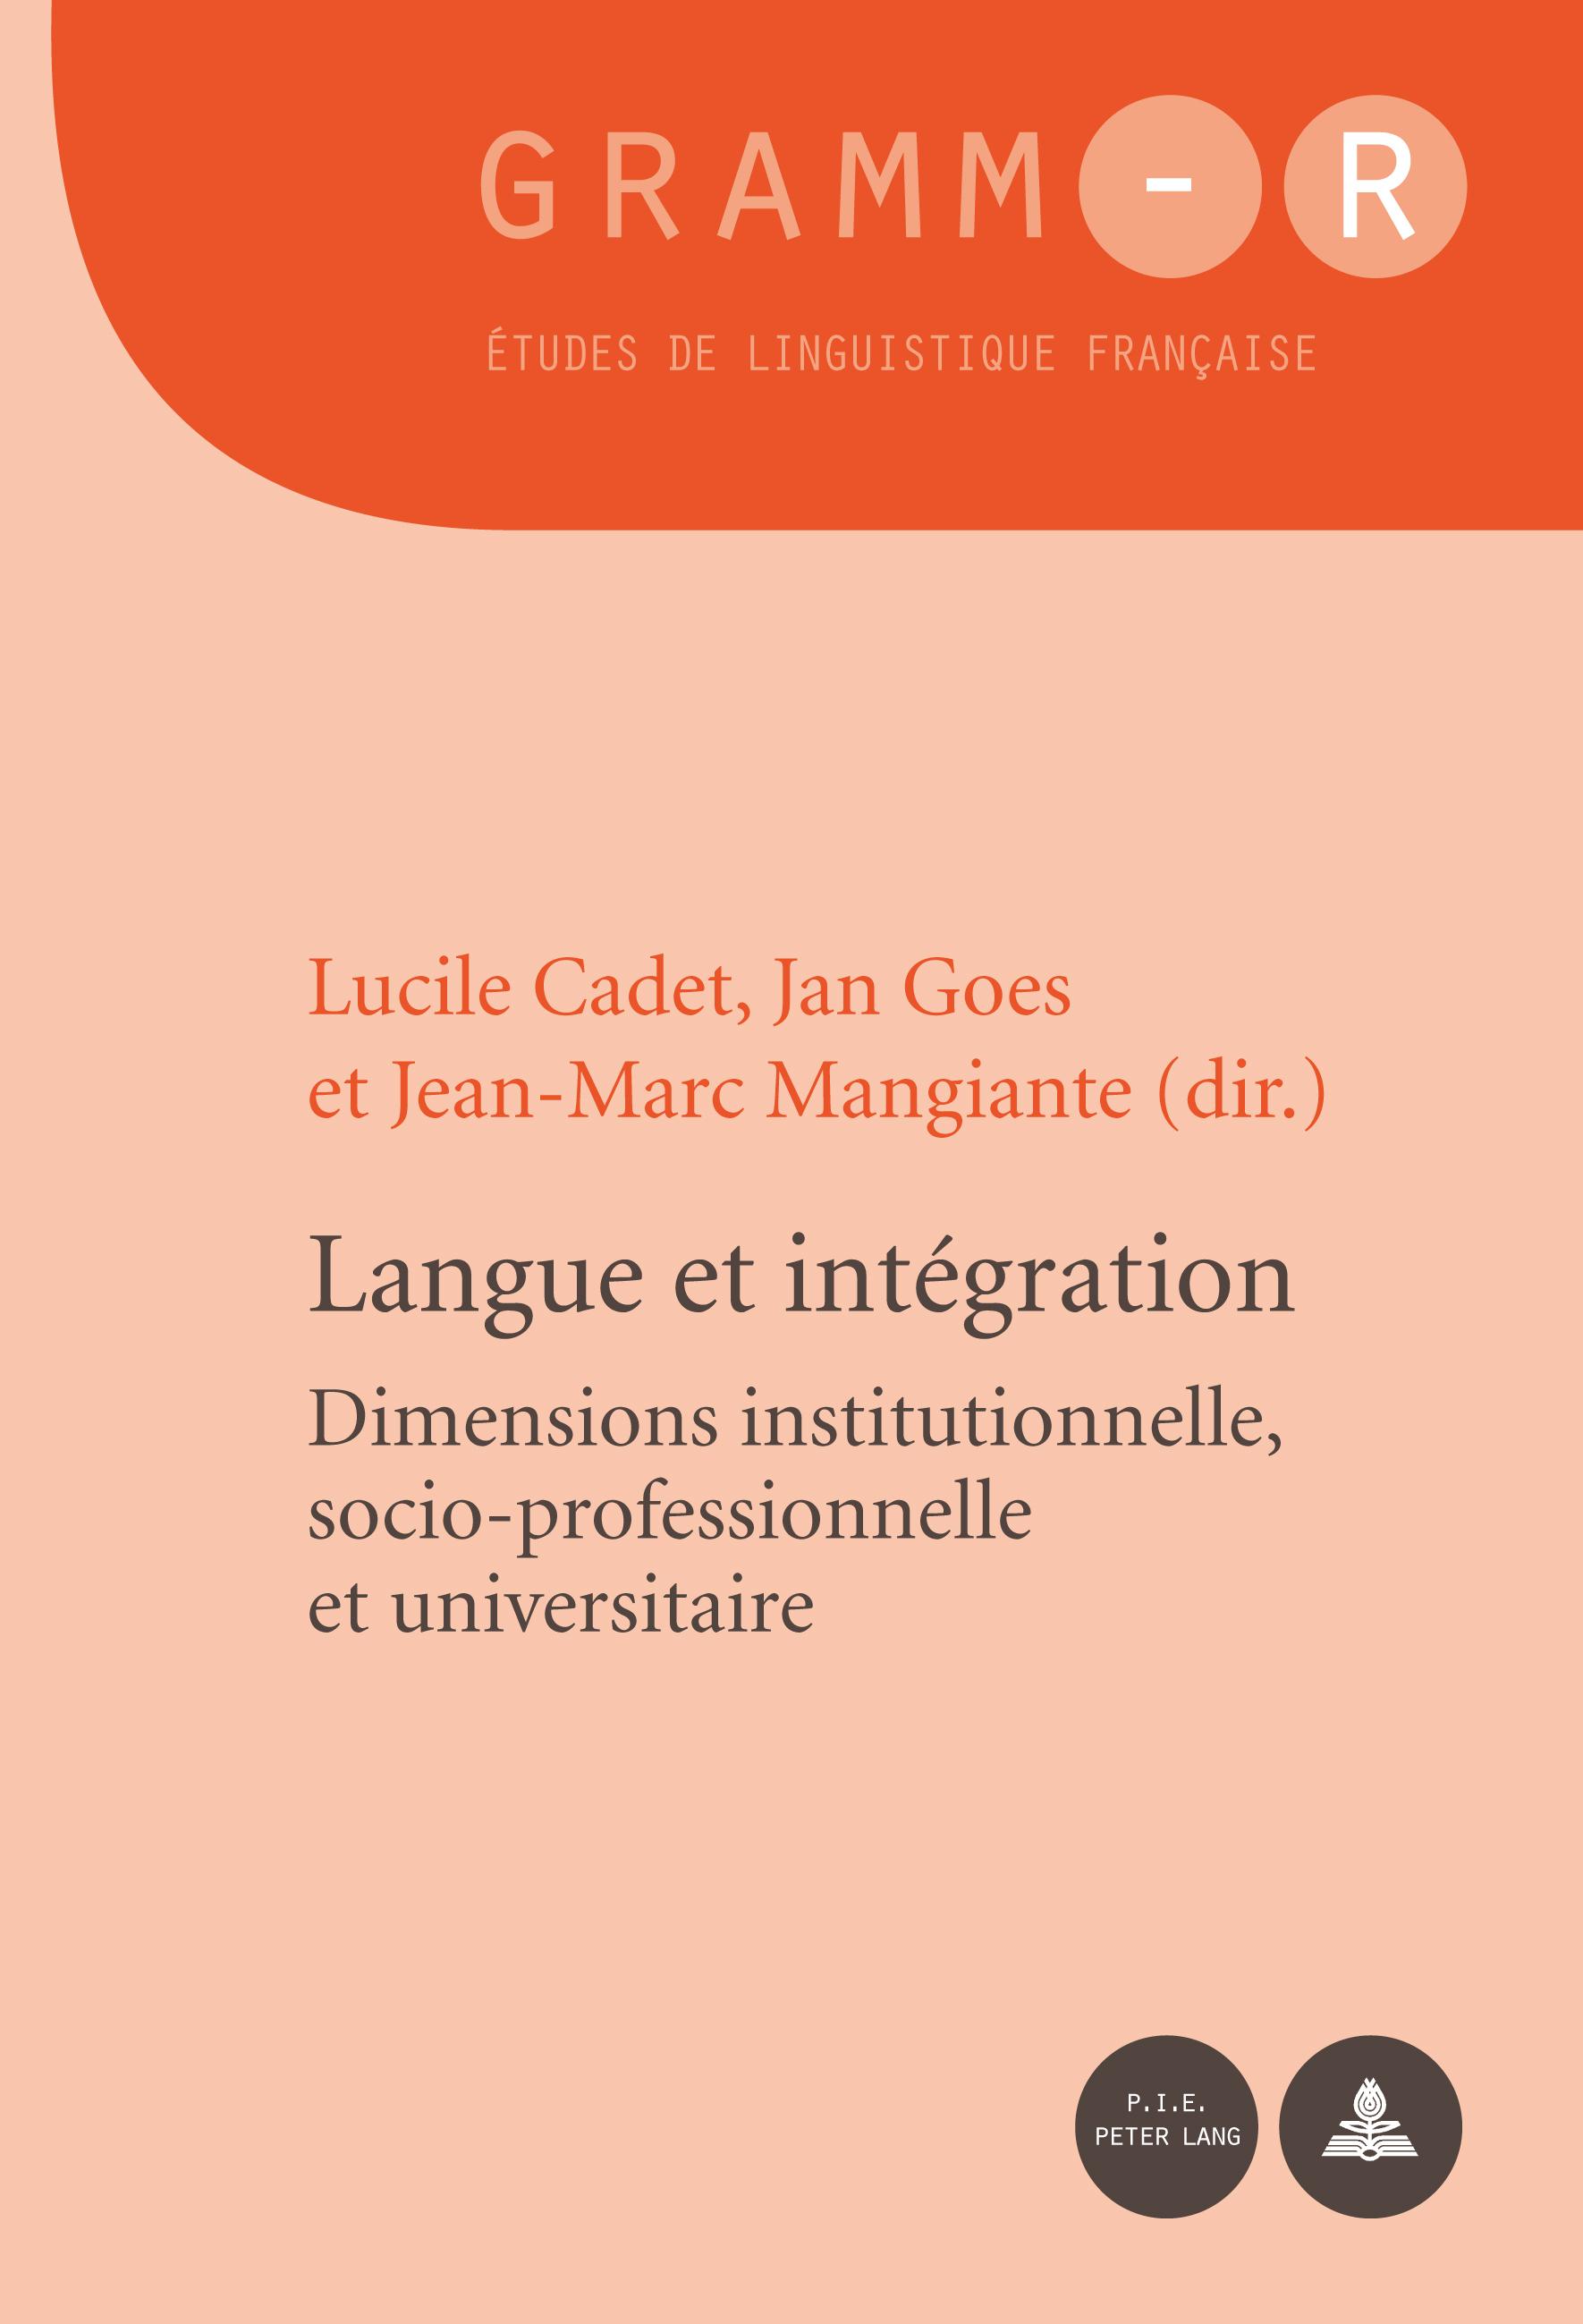 LANGUE ET INTEGRATION - DIMENSIONS INSTITUTIONNELLE, SOCIO-PROFESSIONNELLE ET UNIVERSITAIRE